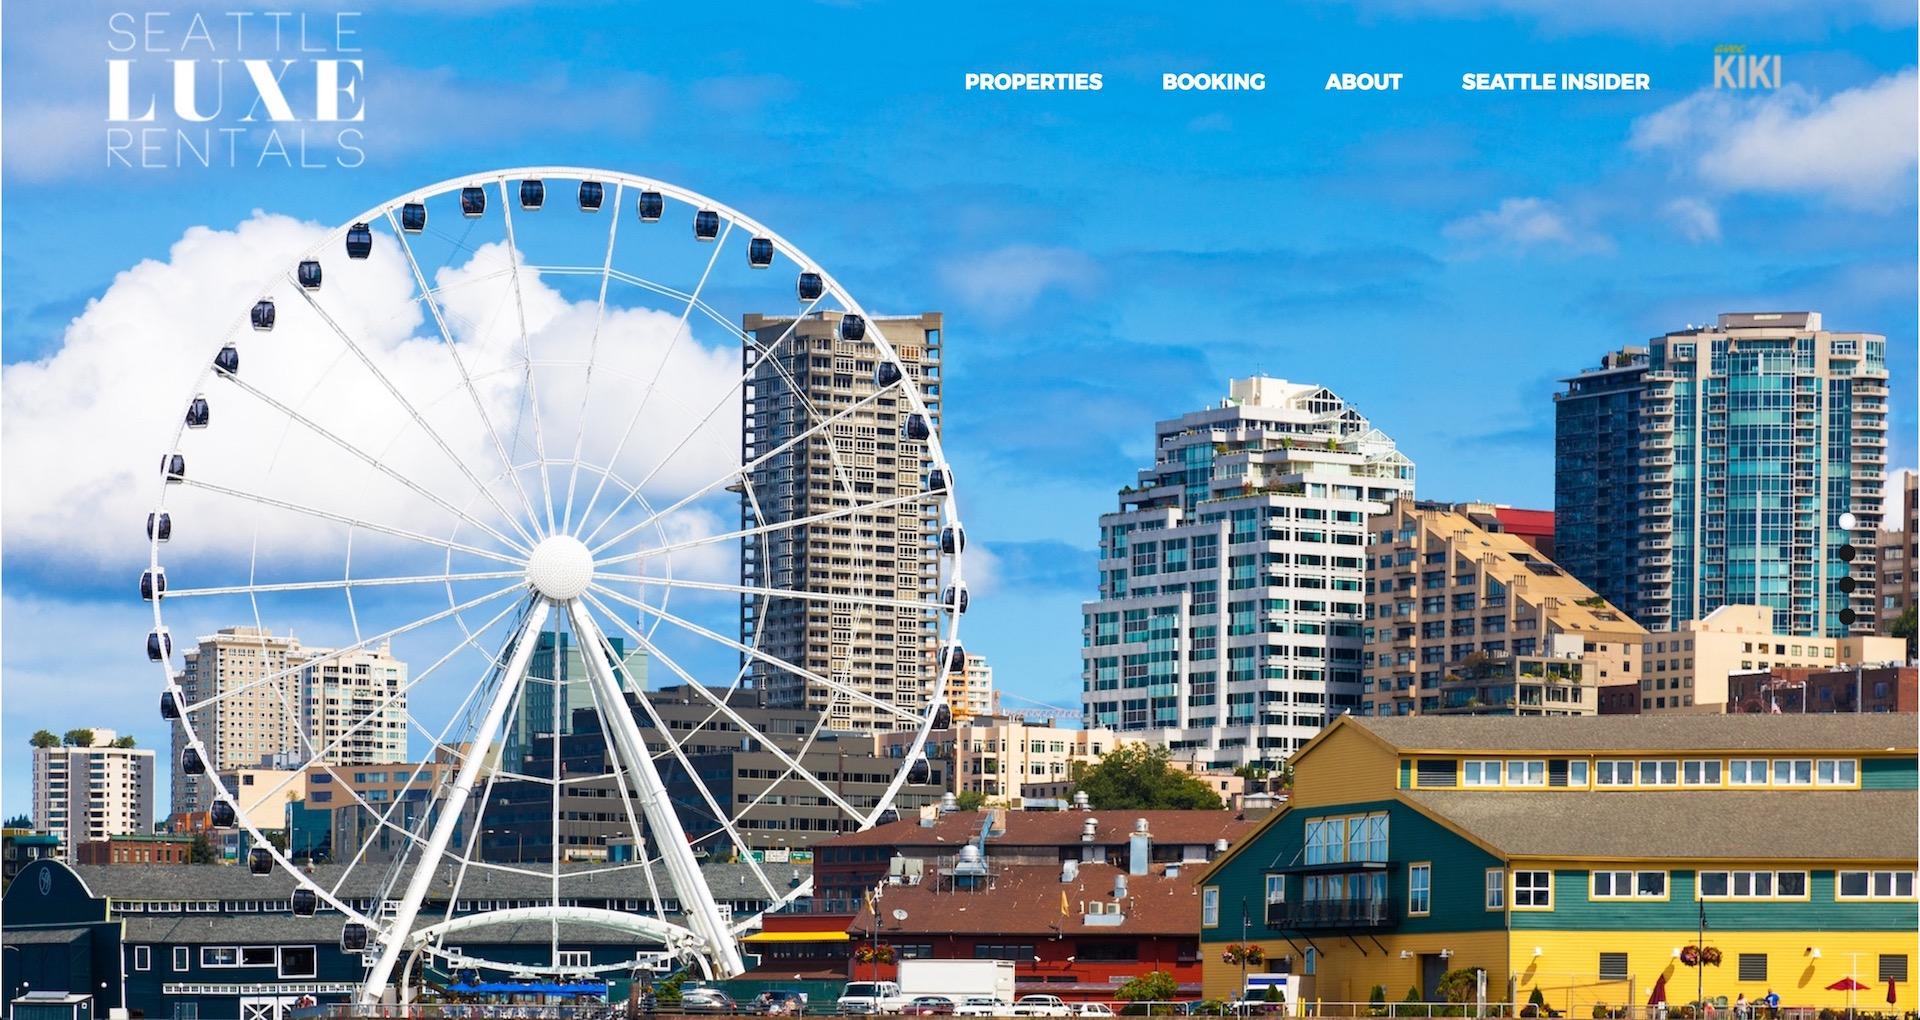 SeattleLuxe Rentals